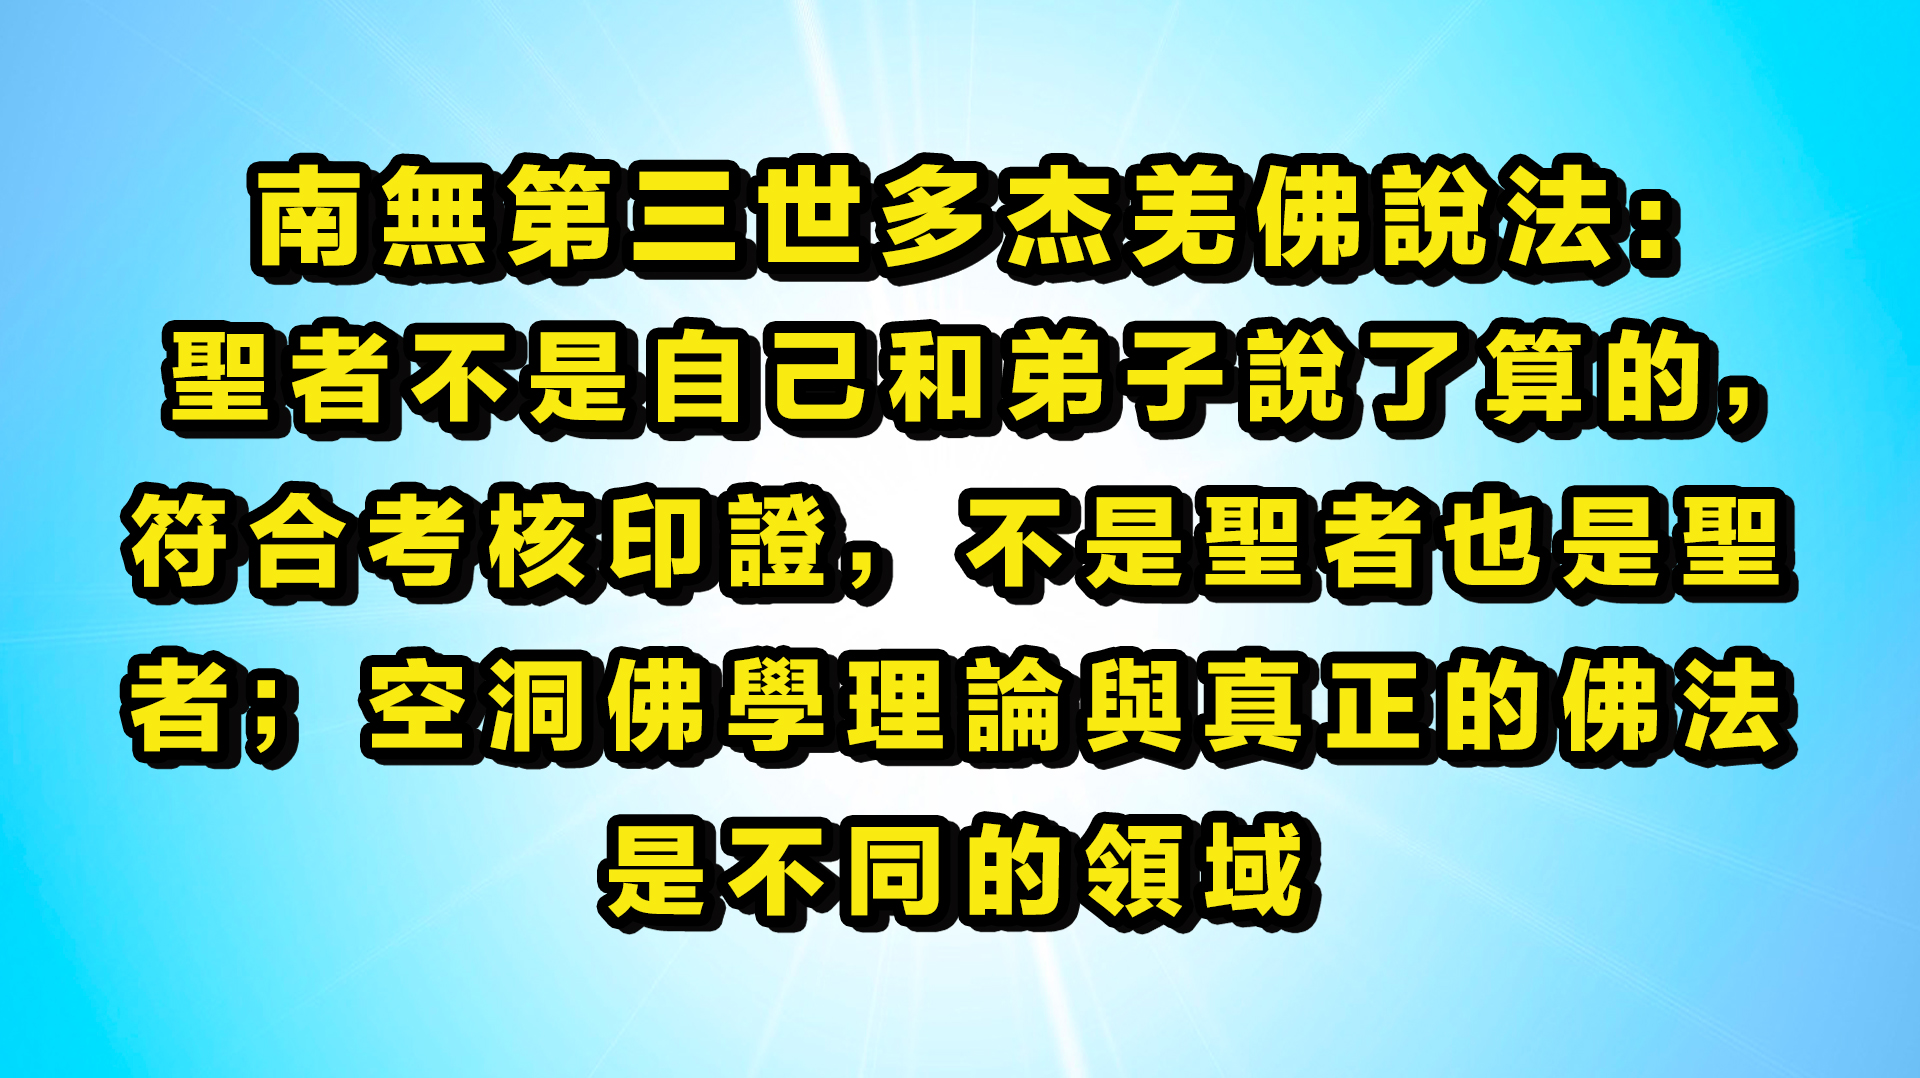 學習並大量轉發南無第三世多杰羌佛說法:聖者不是自己和弟子說了算的,符合考核印證,不是聖者也是聖者;空洞佛學理論與真正的佛法是不同的領域